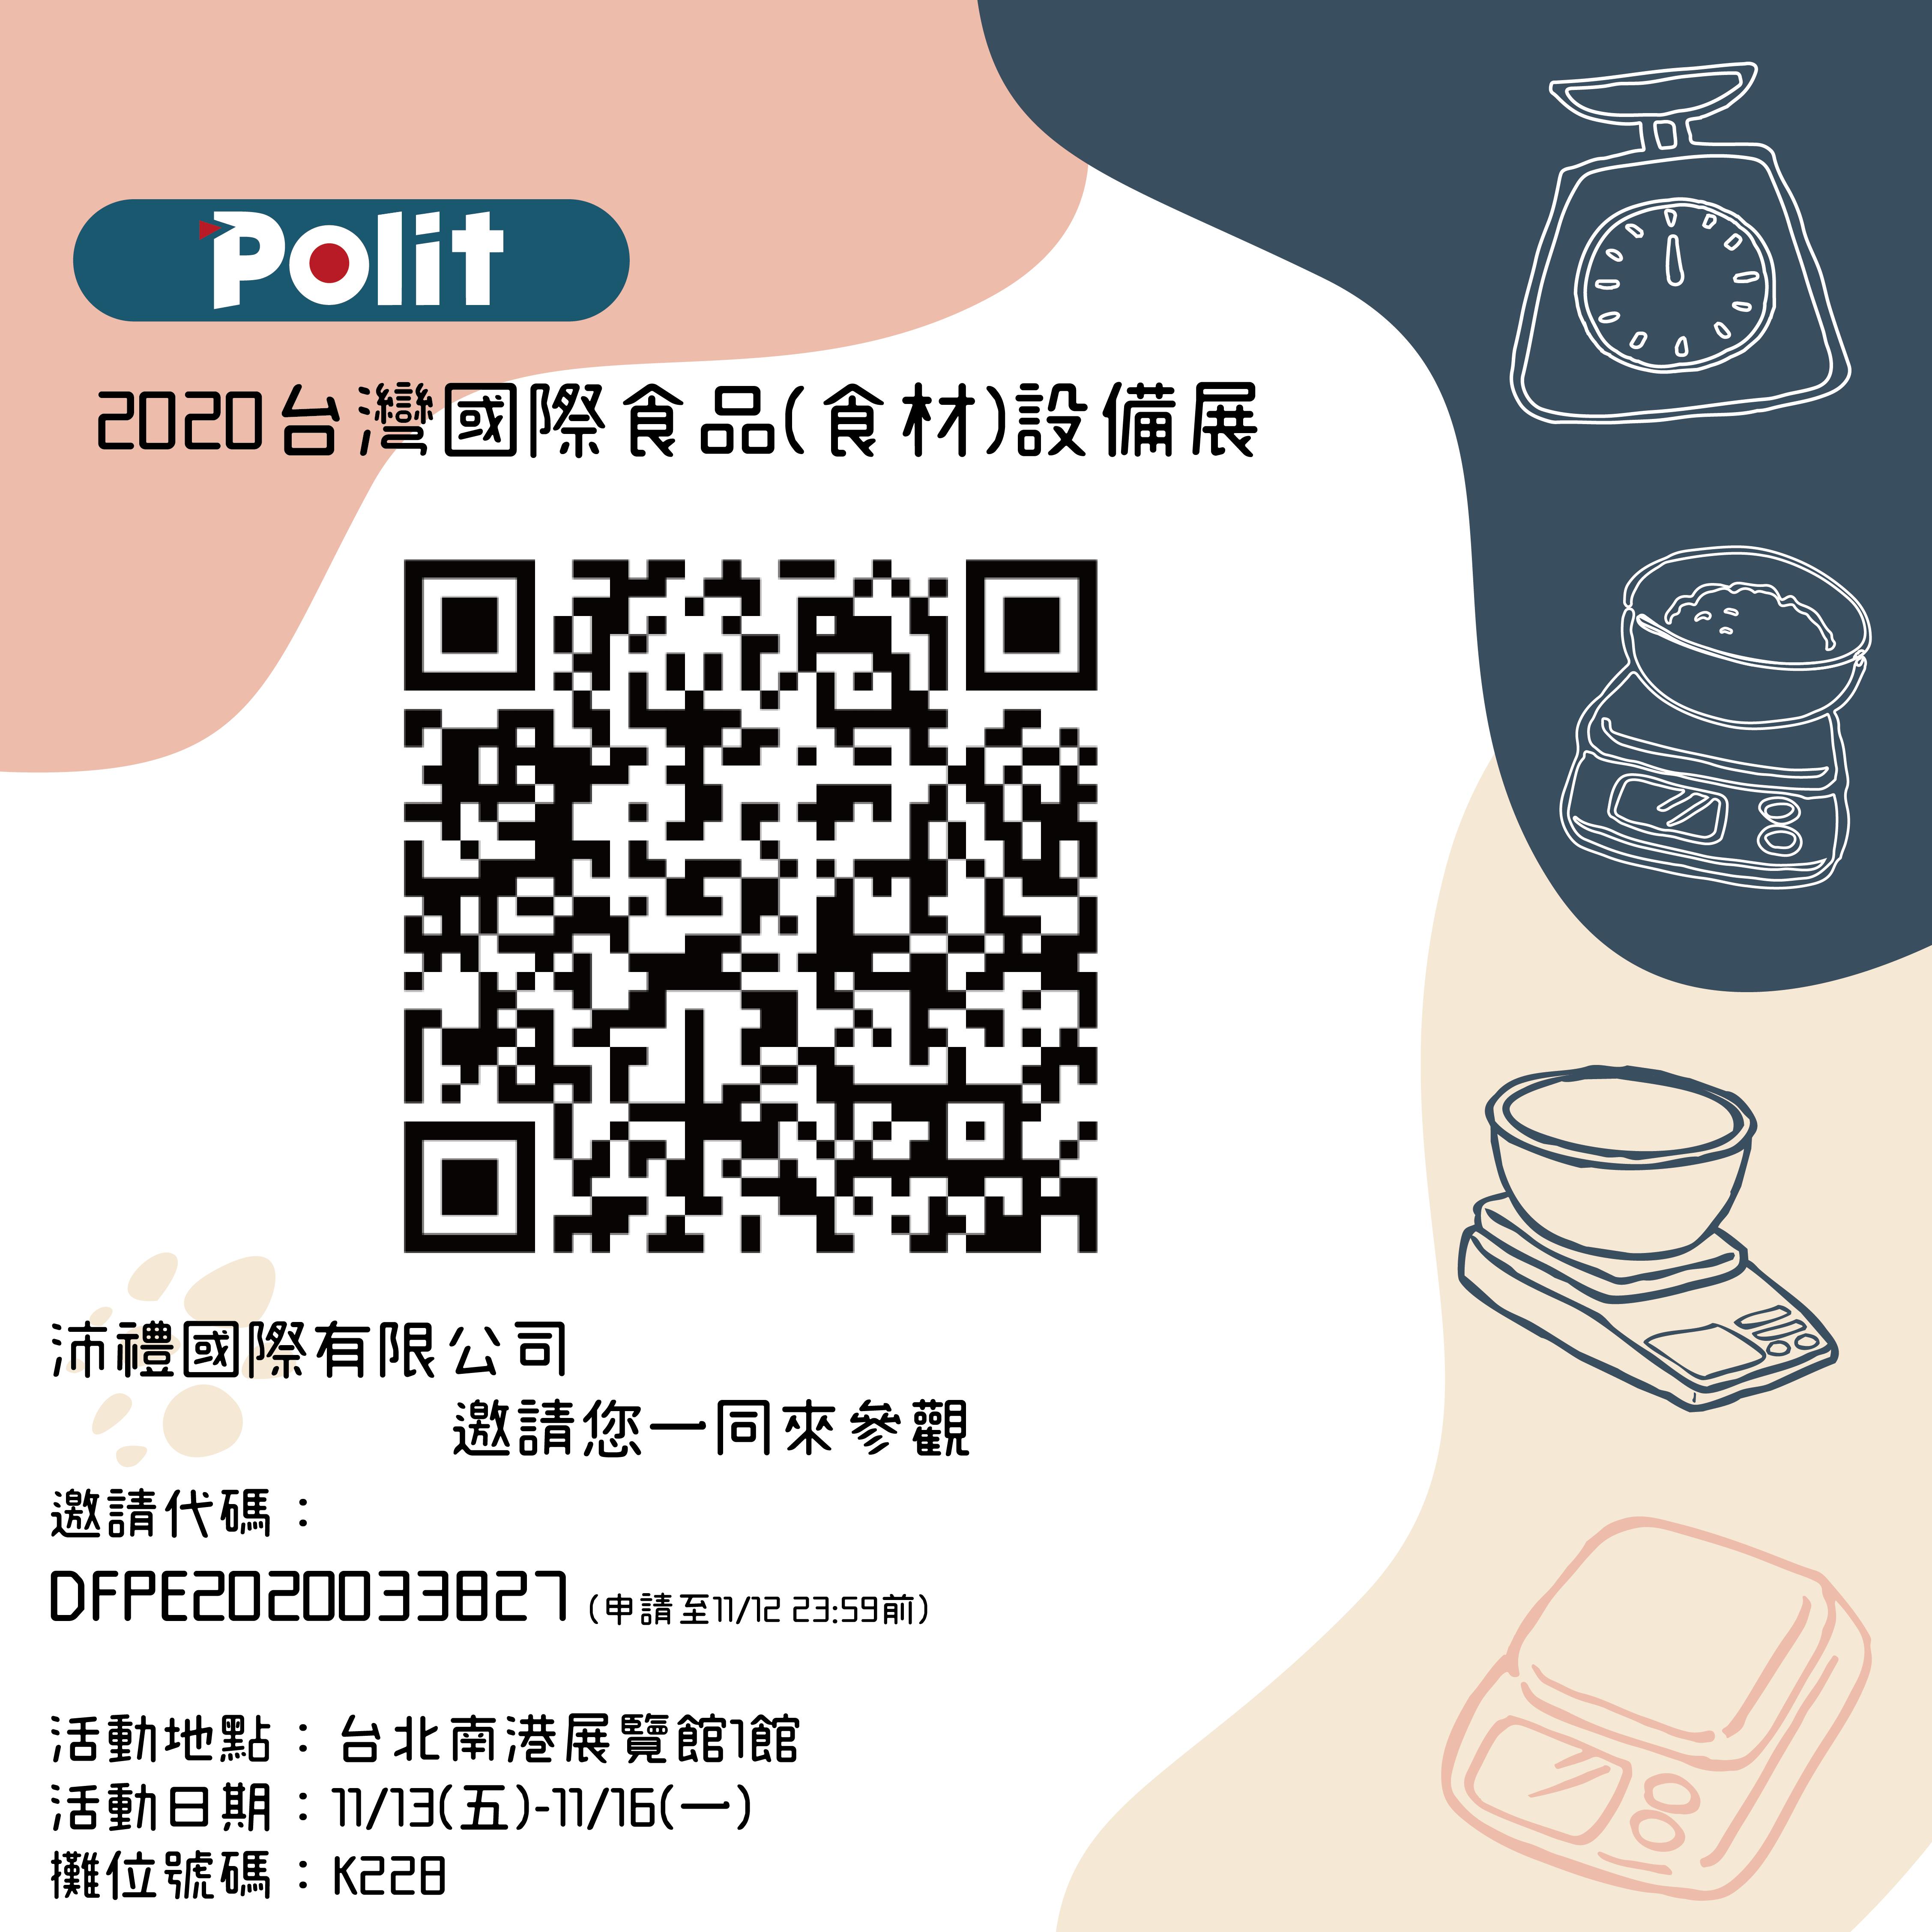 台灣國際食品暨設備展 邀請卡 | 沛禮國際 Polit 電子秤專賣